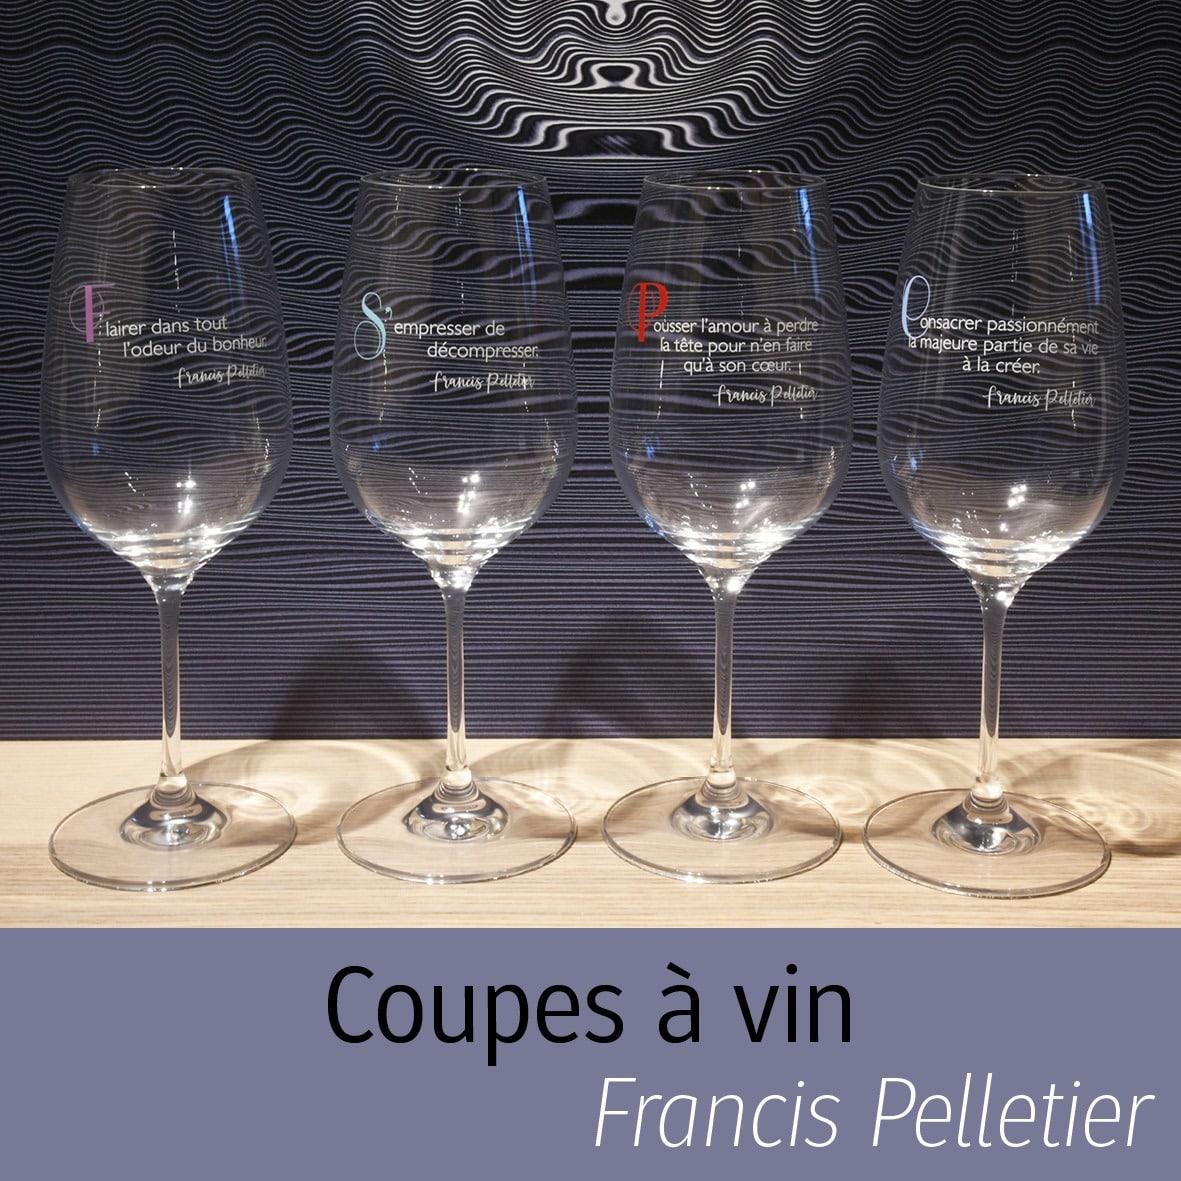 Coupes à vin de Francis Pelletier